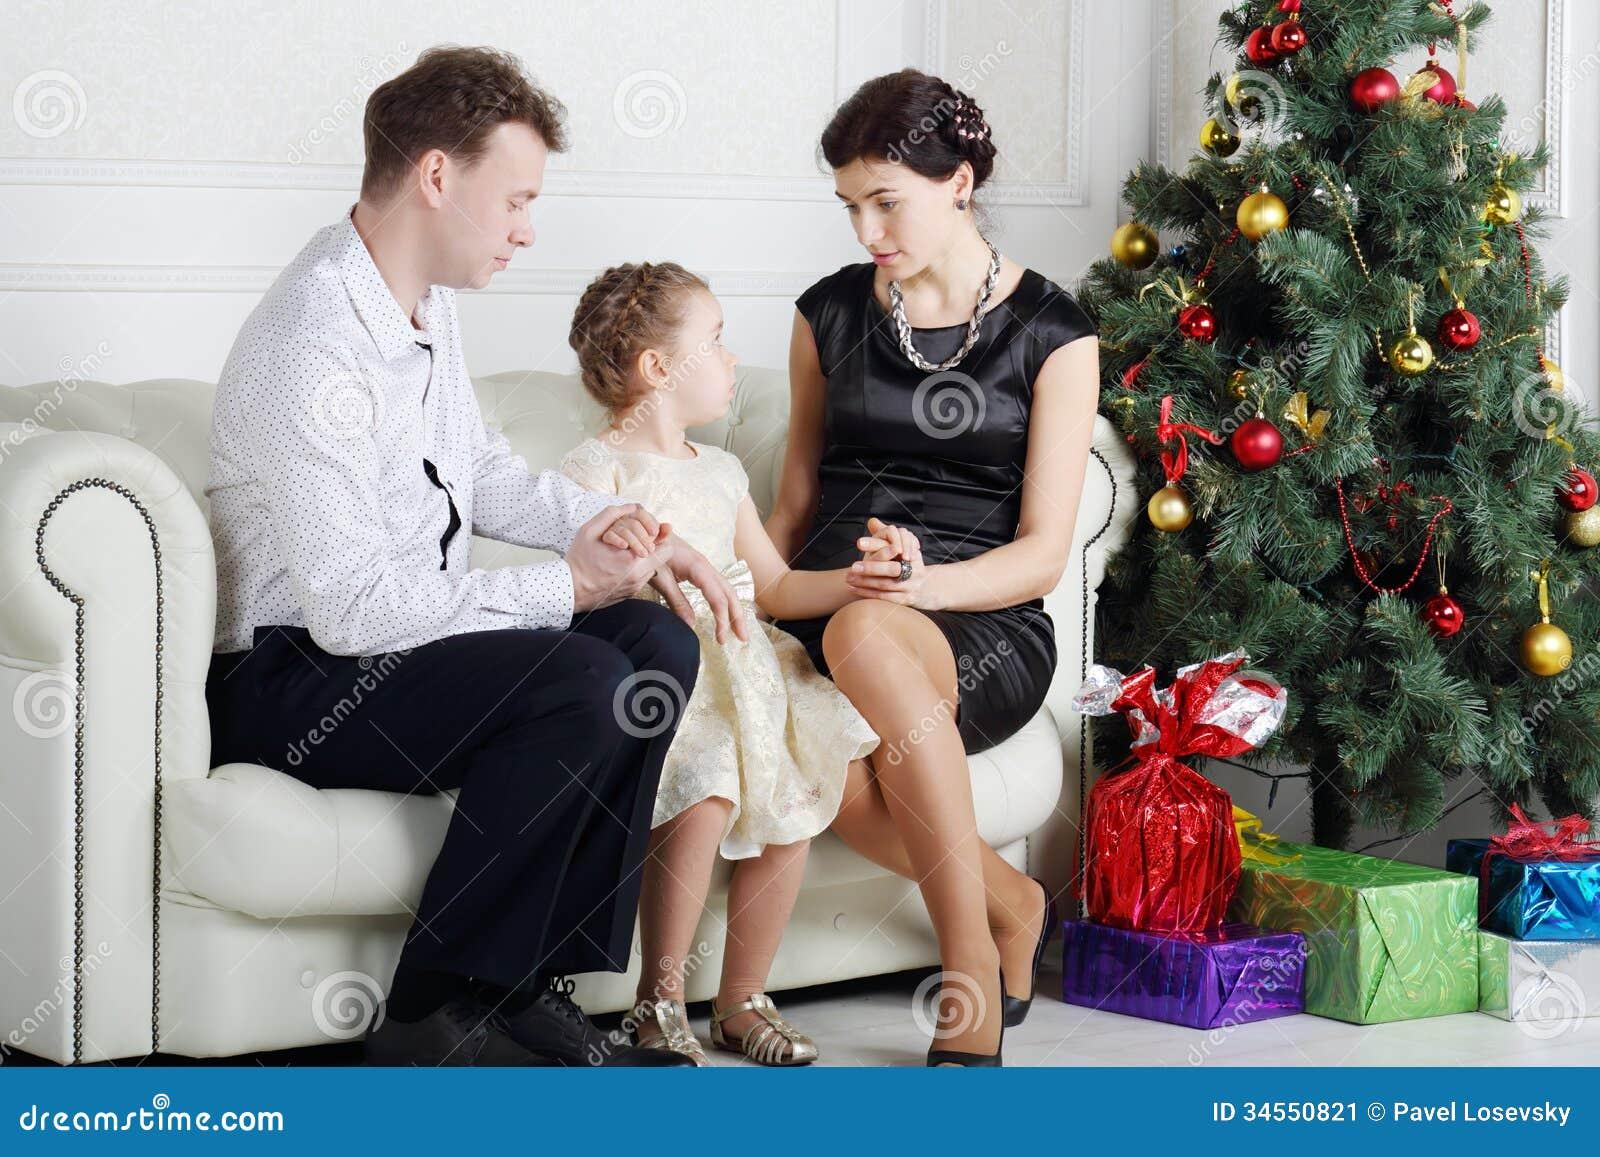 Секс с мамашей в комнате, Роскошно сын ебет мать и вливает ей сперму в нежный 24 фотография